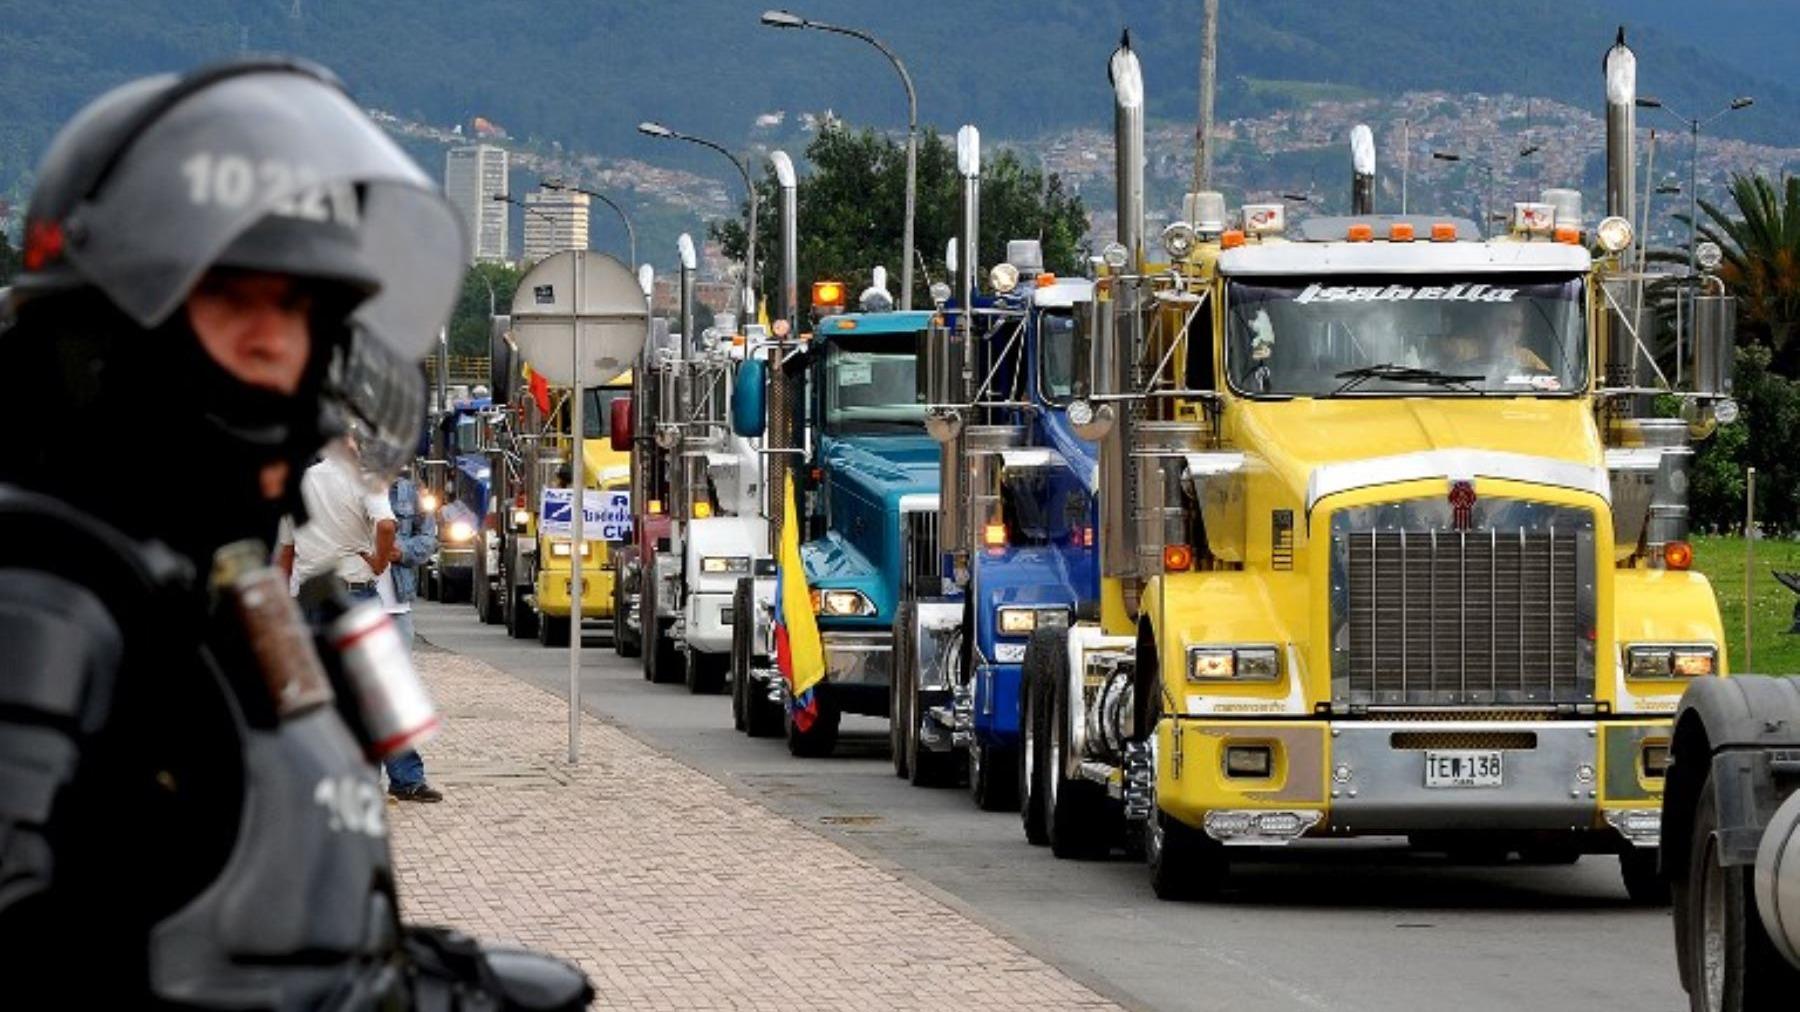 Los camioneros reclaman además una bonificación a los pesos y medidas vehiculares, utilización del GPS y actualización de tabla de valores referenciales.